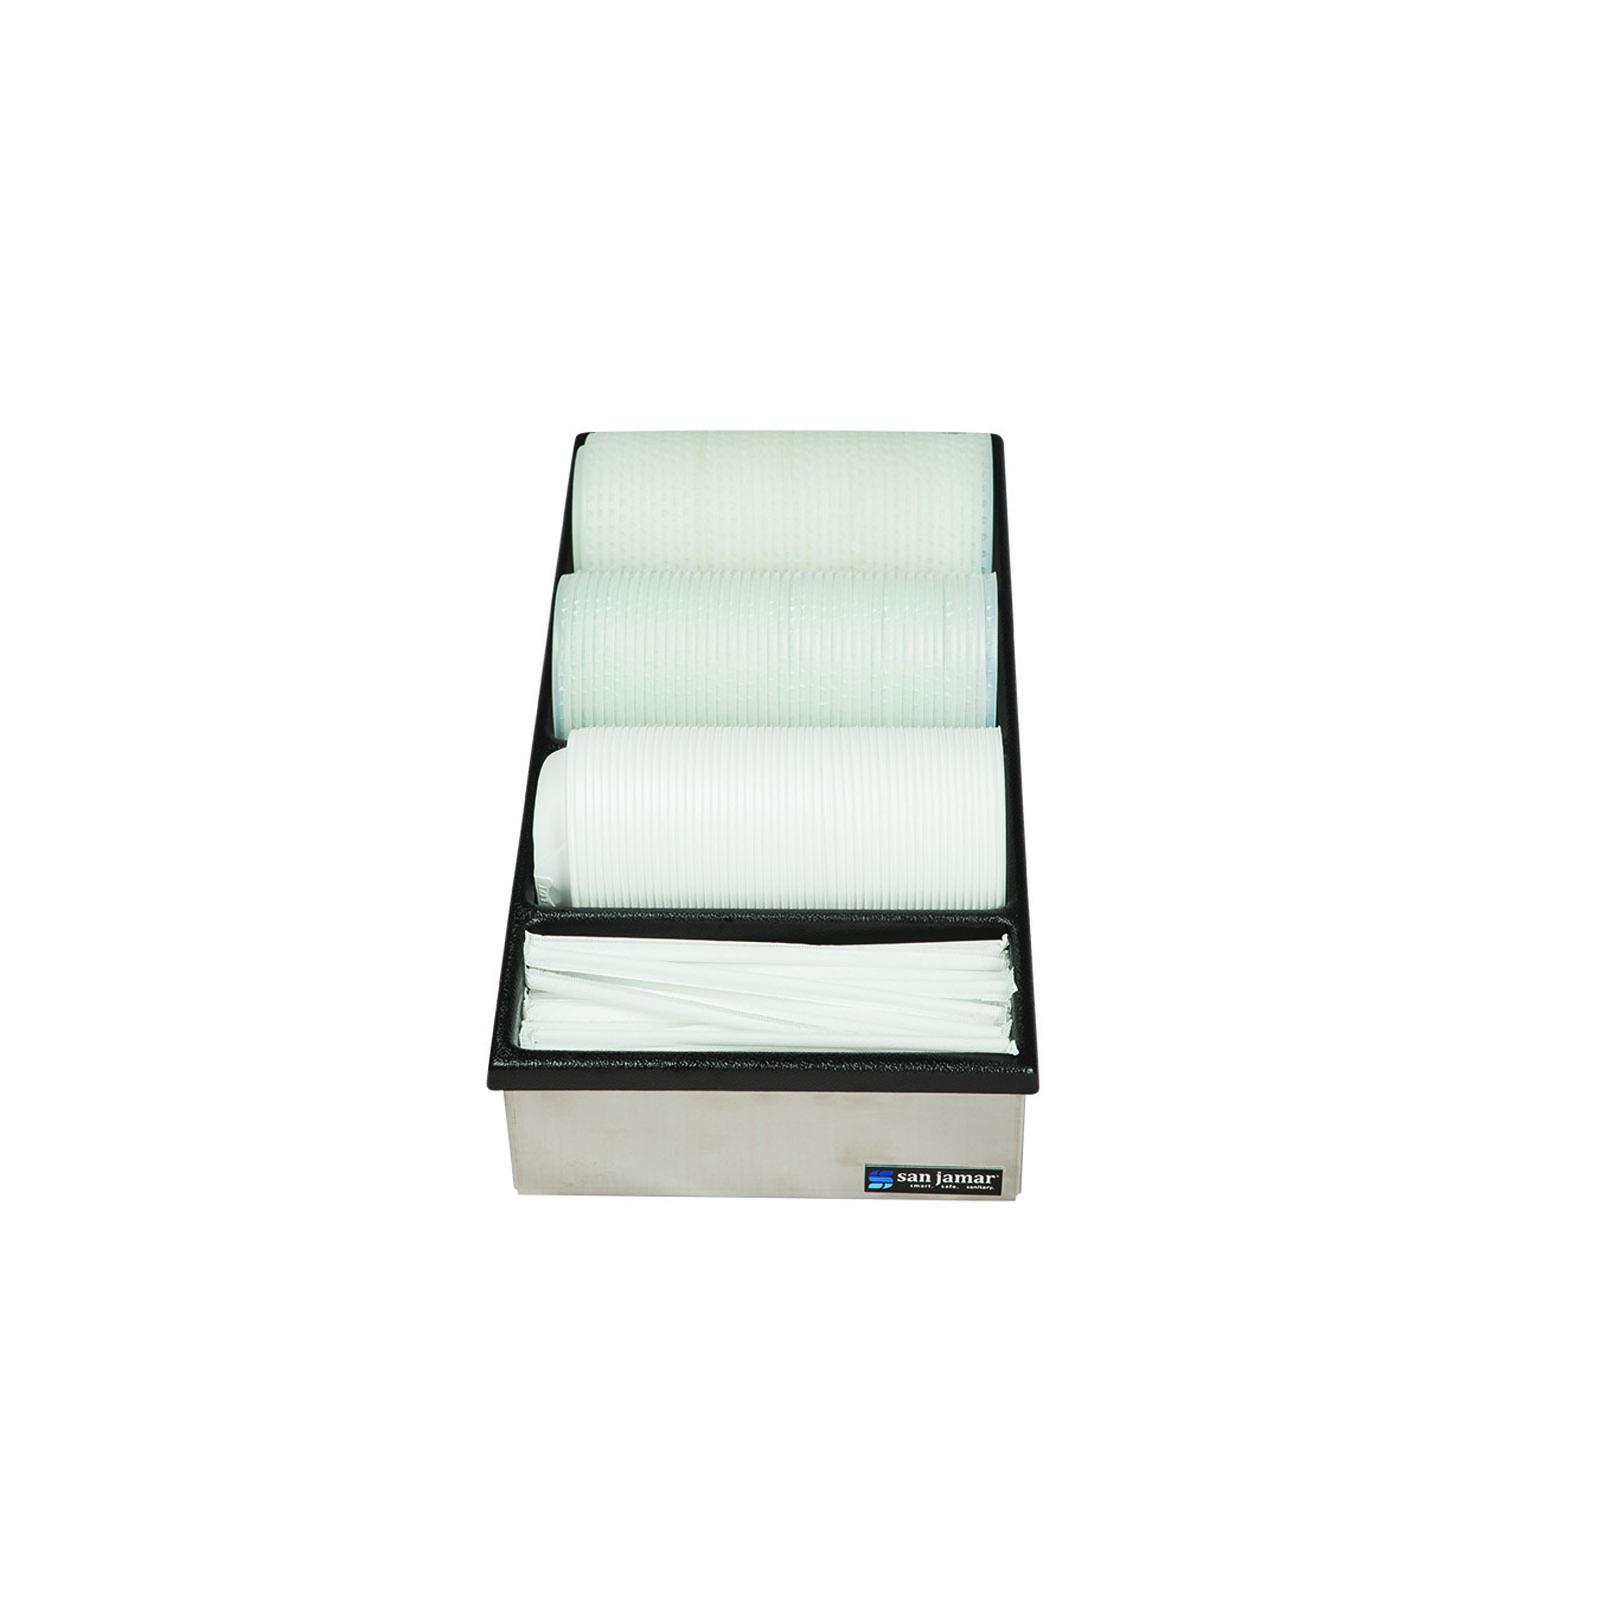 San Jamar L2150 lid dispenser, countertop